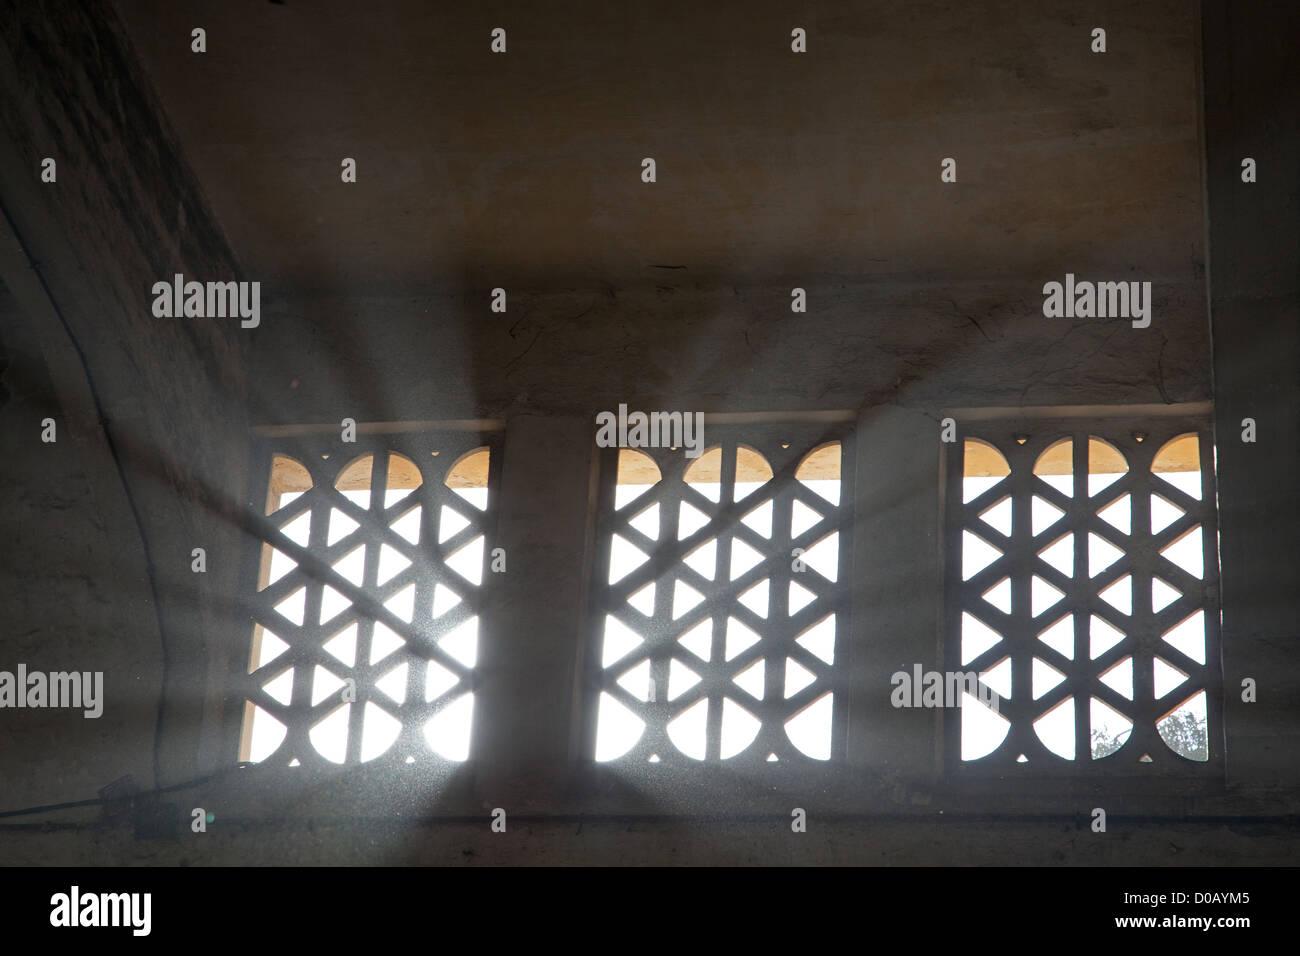 En MOUCHARABIEH architecture arabe traditionnelle ancienne friche urbaine LES ABATTOIRS DE CASABLANCA HÉRITAGE EN BÉTON ARMÉ Banque D'Images